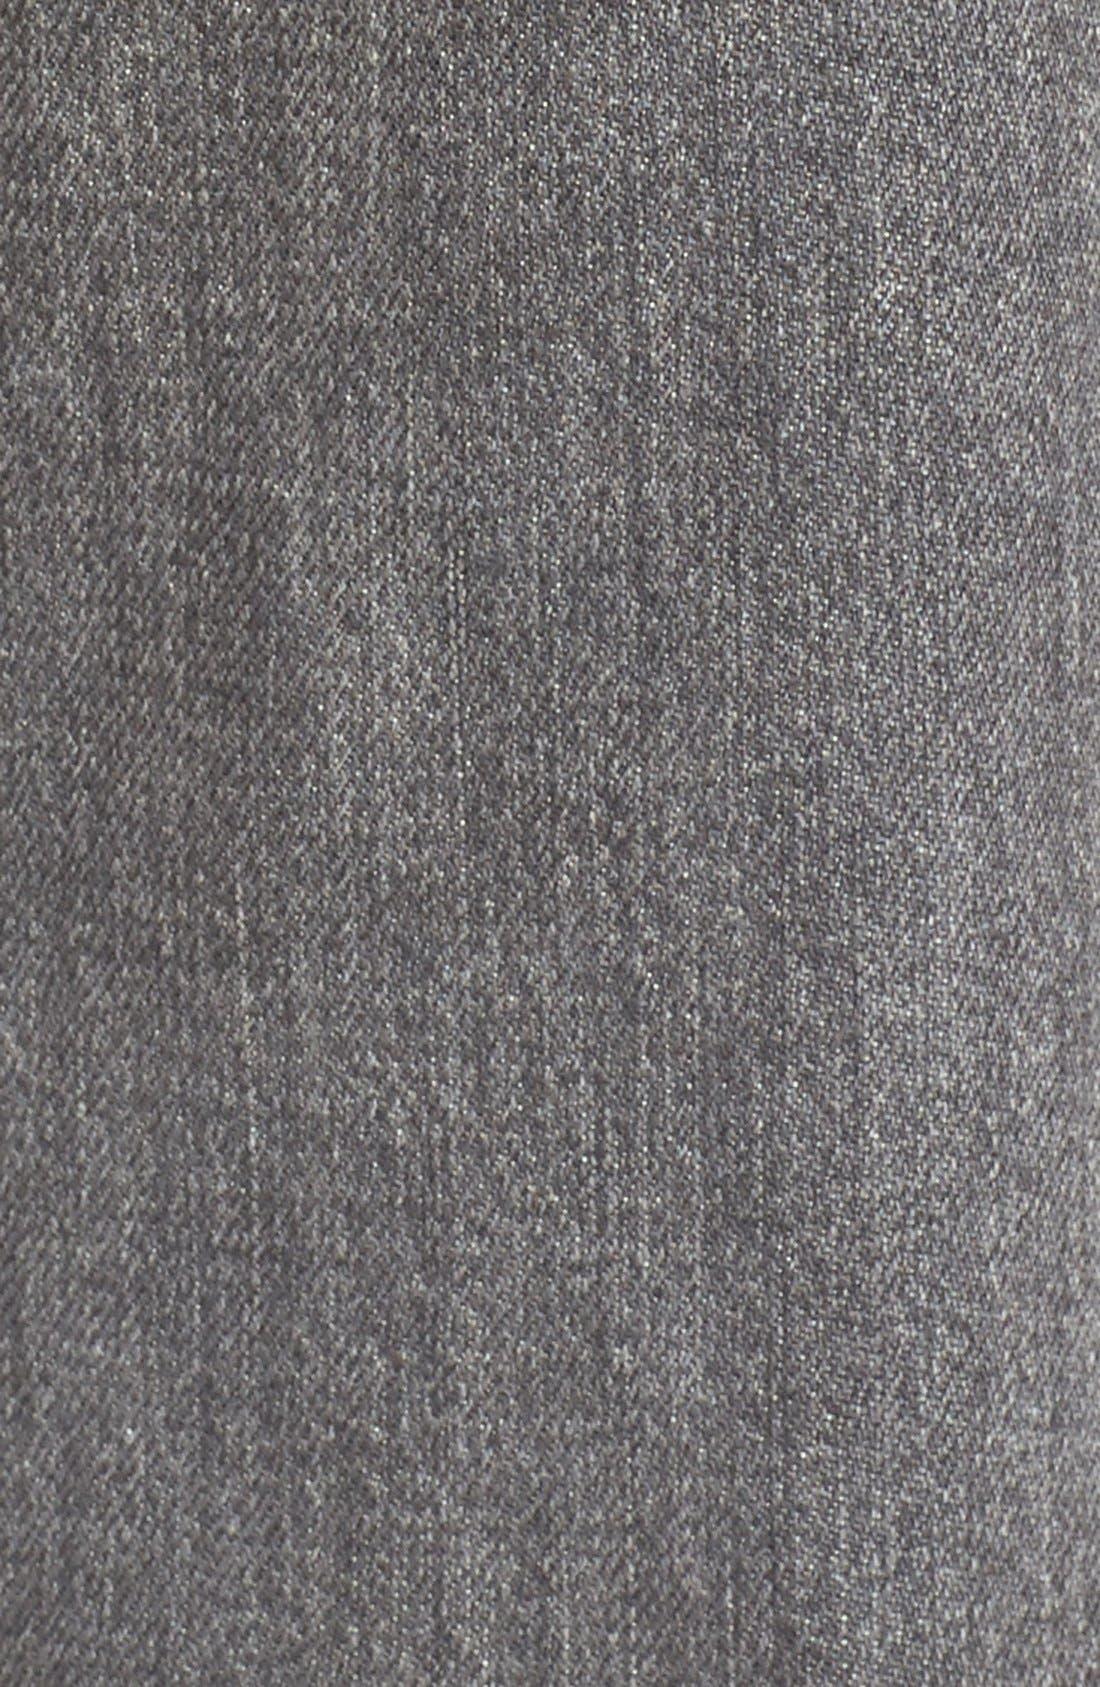 Alternate Image 6  - Current/Elliott 'The Fling' Boyfriend Jeans (Metal Washed Black)